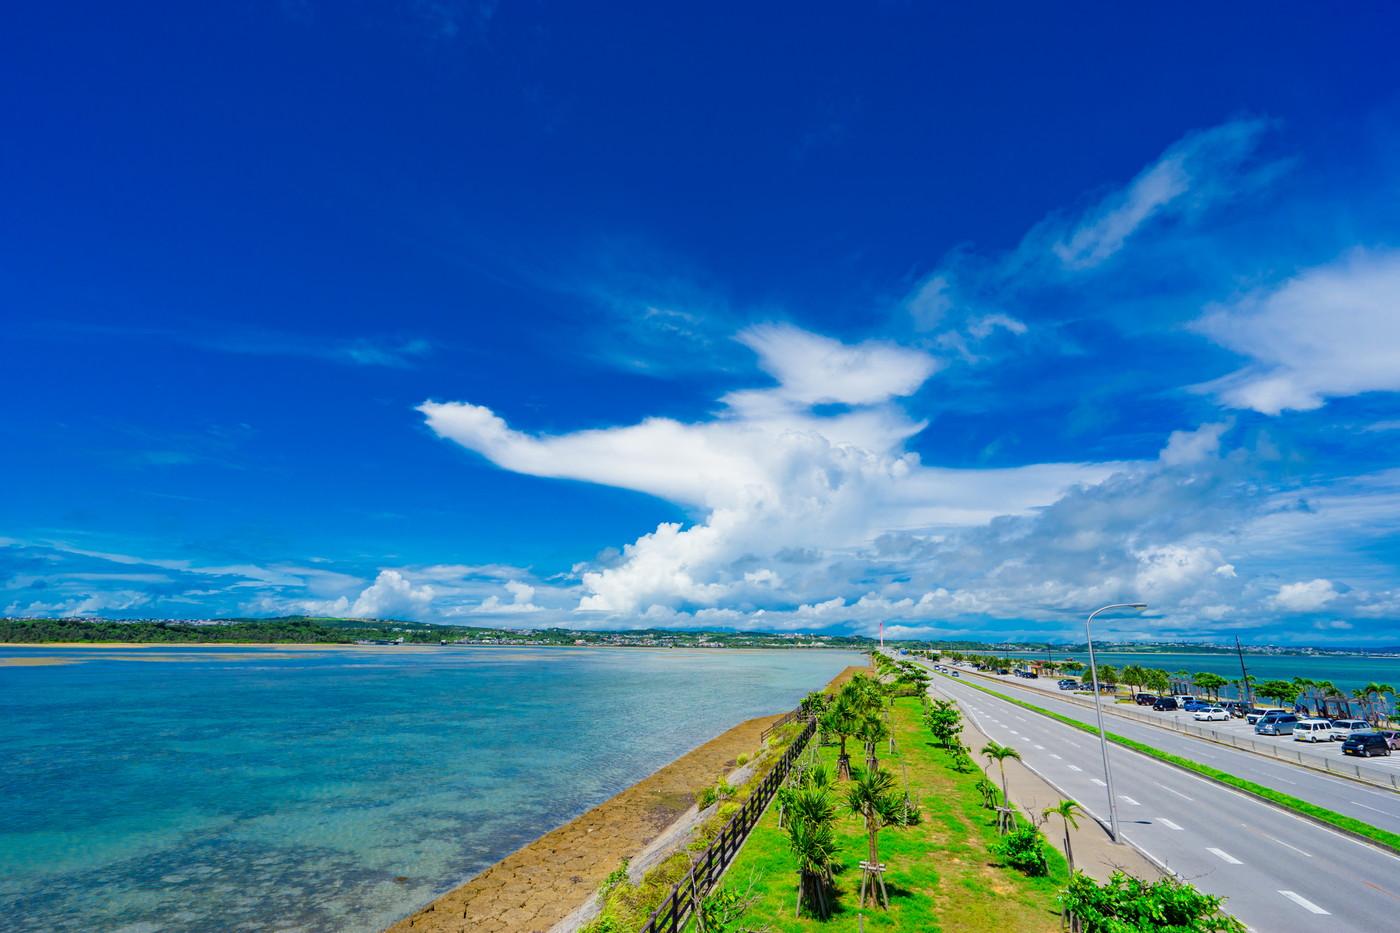 沖縄・那覇市のauショップ|iPhoneの予約/購入